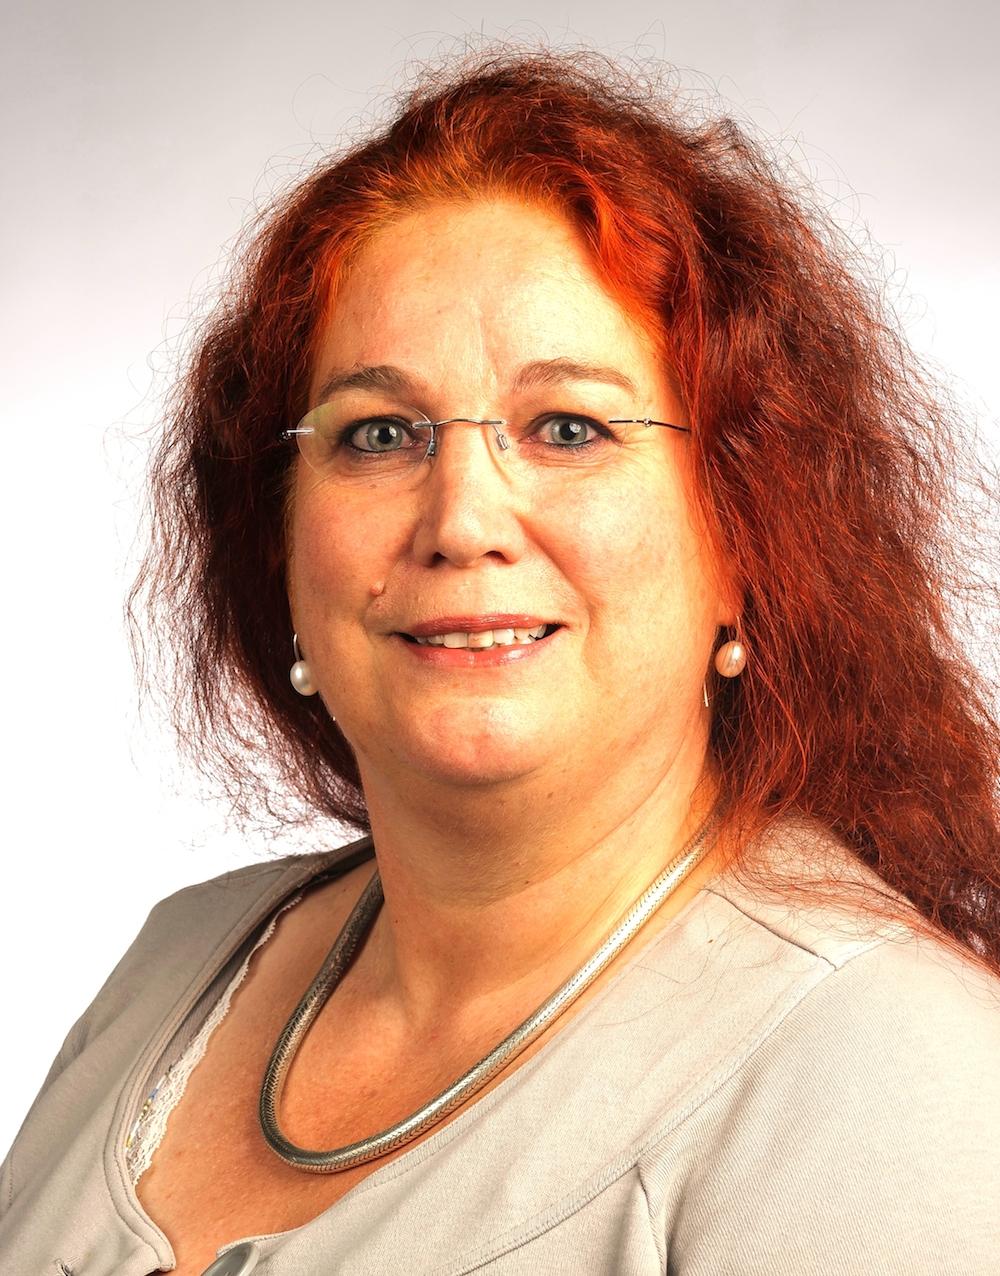 Cornelia Mayinger leitet die Paar- und Einzelberatung LEB des kantonalen Frauenbunds in Zug.